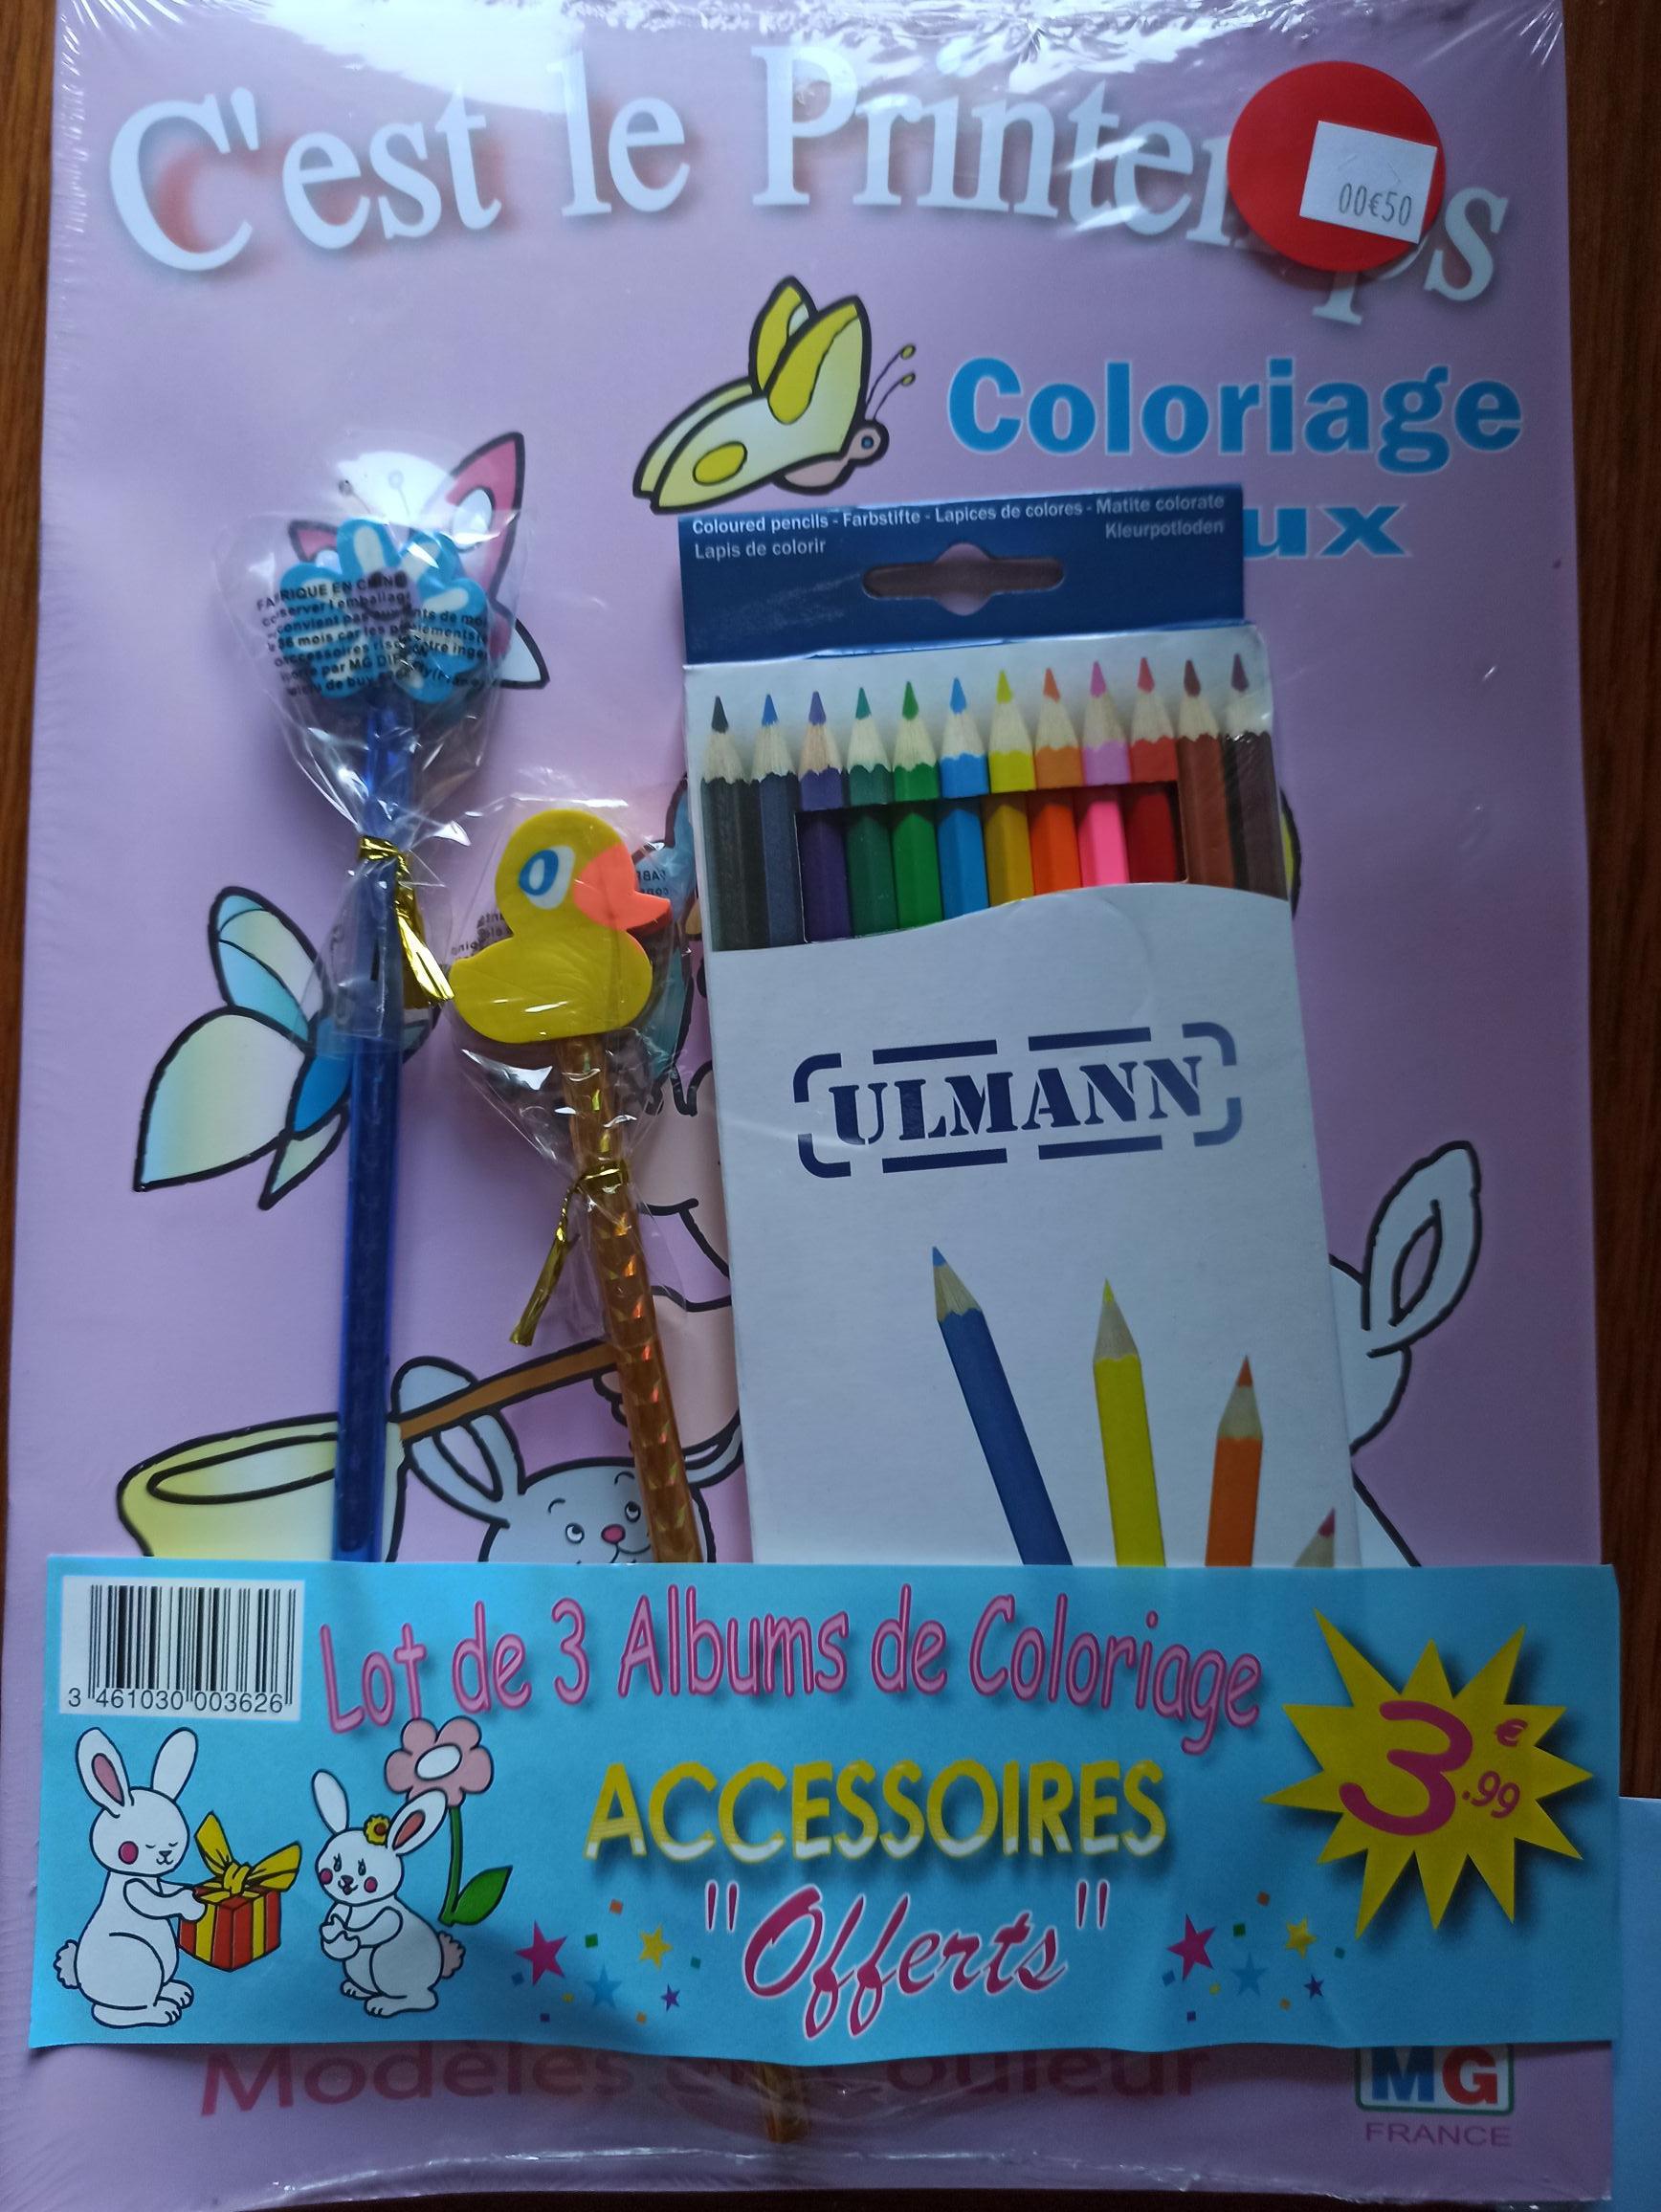 Lot de 3 albums de coloriage + accessoires - Lorient (56)